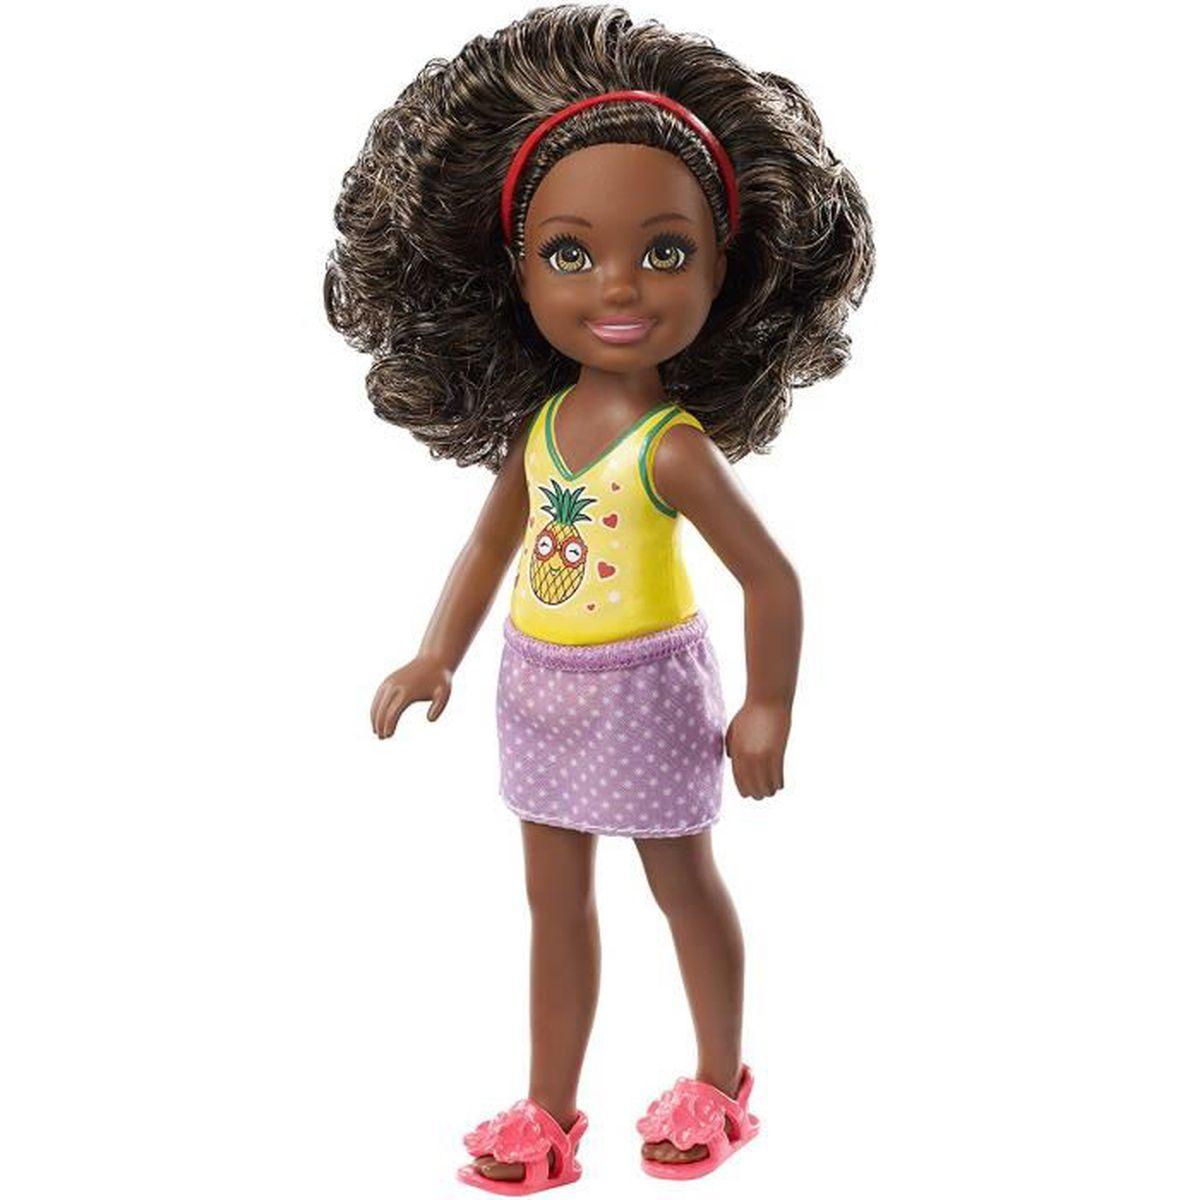 Accessoire Dollhouse Fille Poupée Mannequin en Plastique avec Vêtement